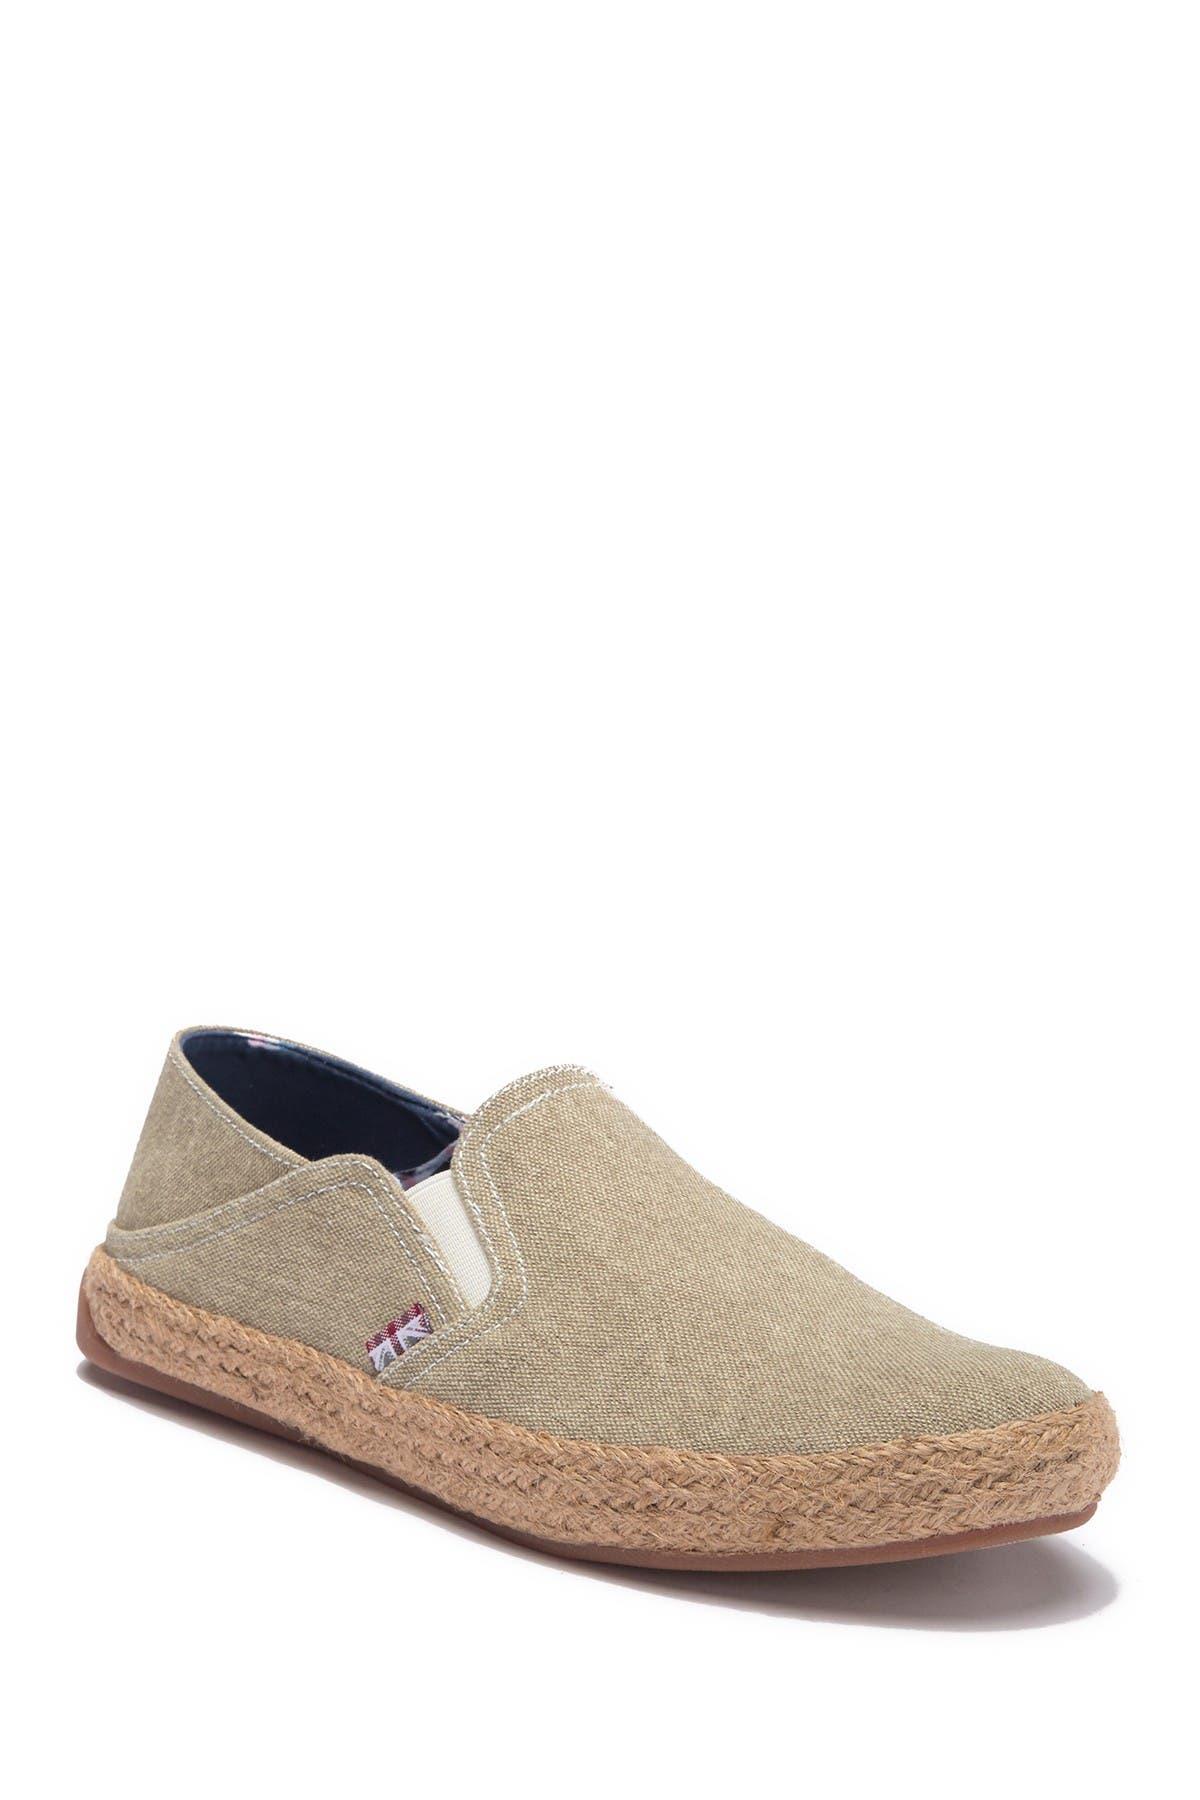 Image of Ben Sherman New Jenson Slip-On Sneaker